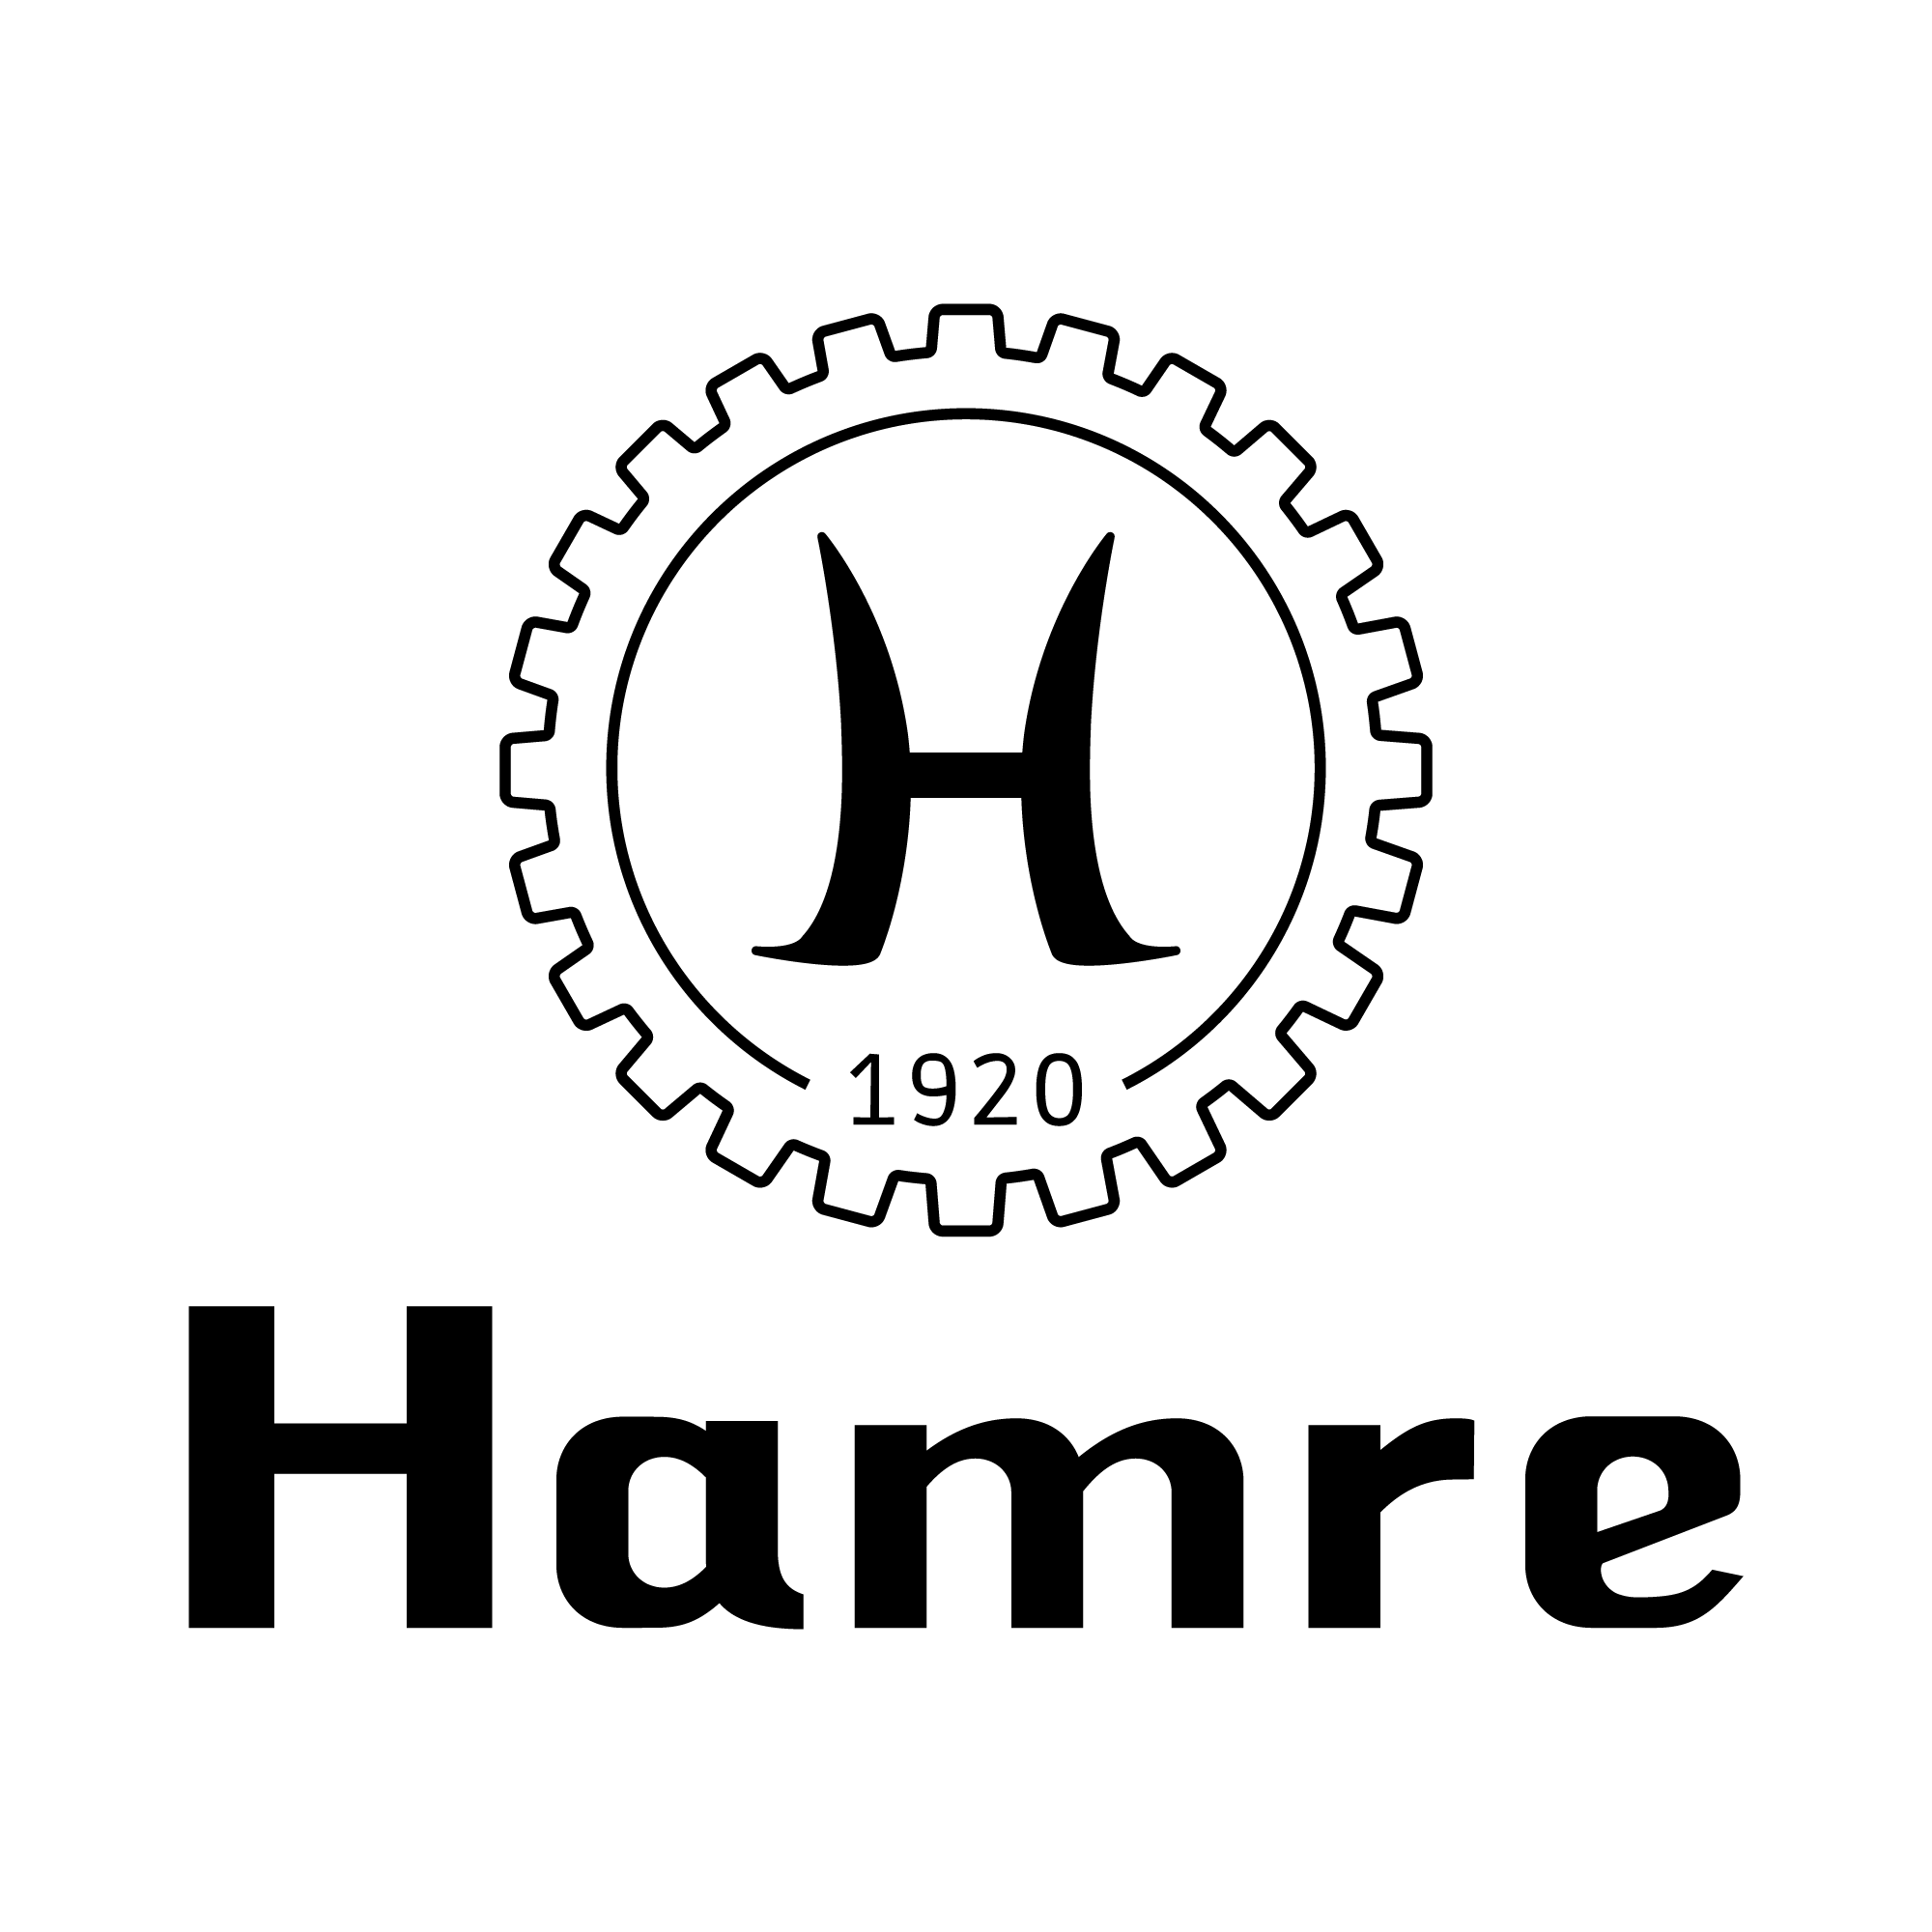 Ljåblad